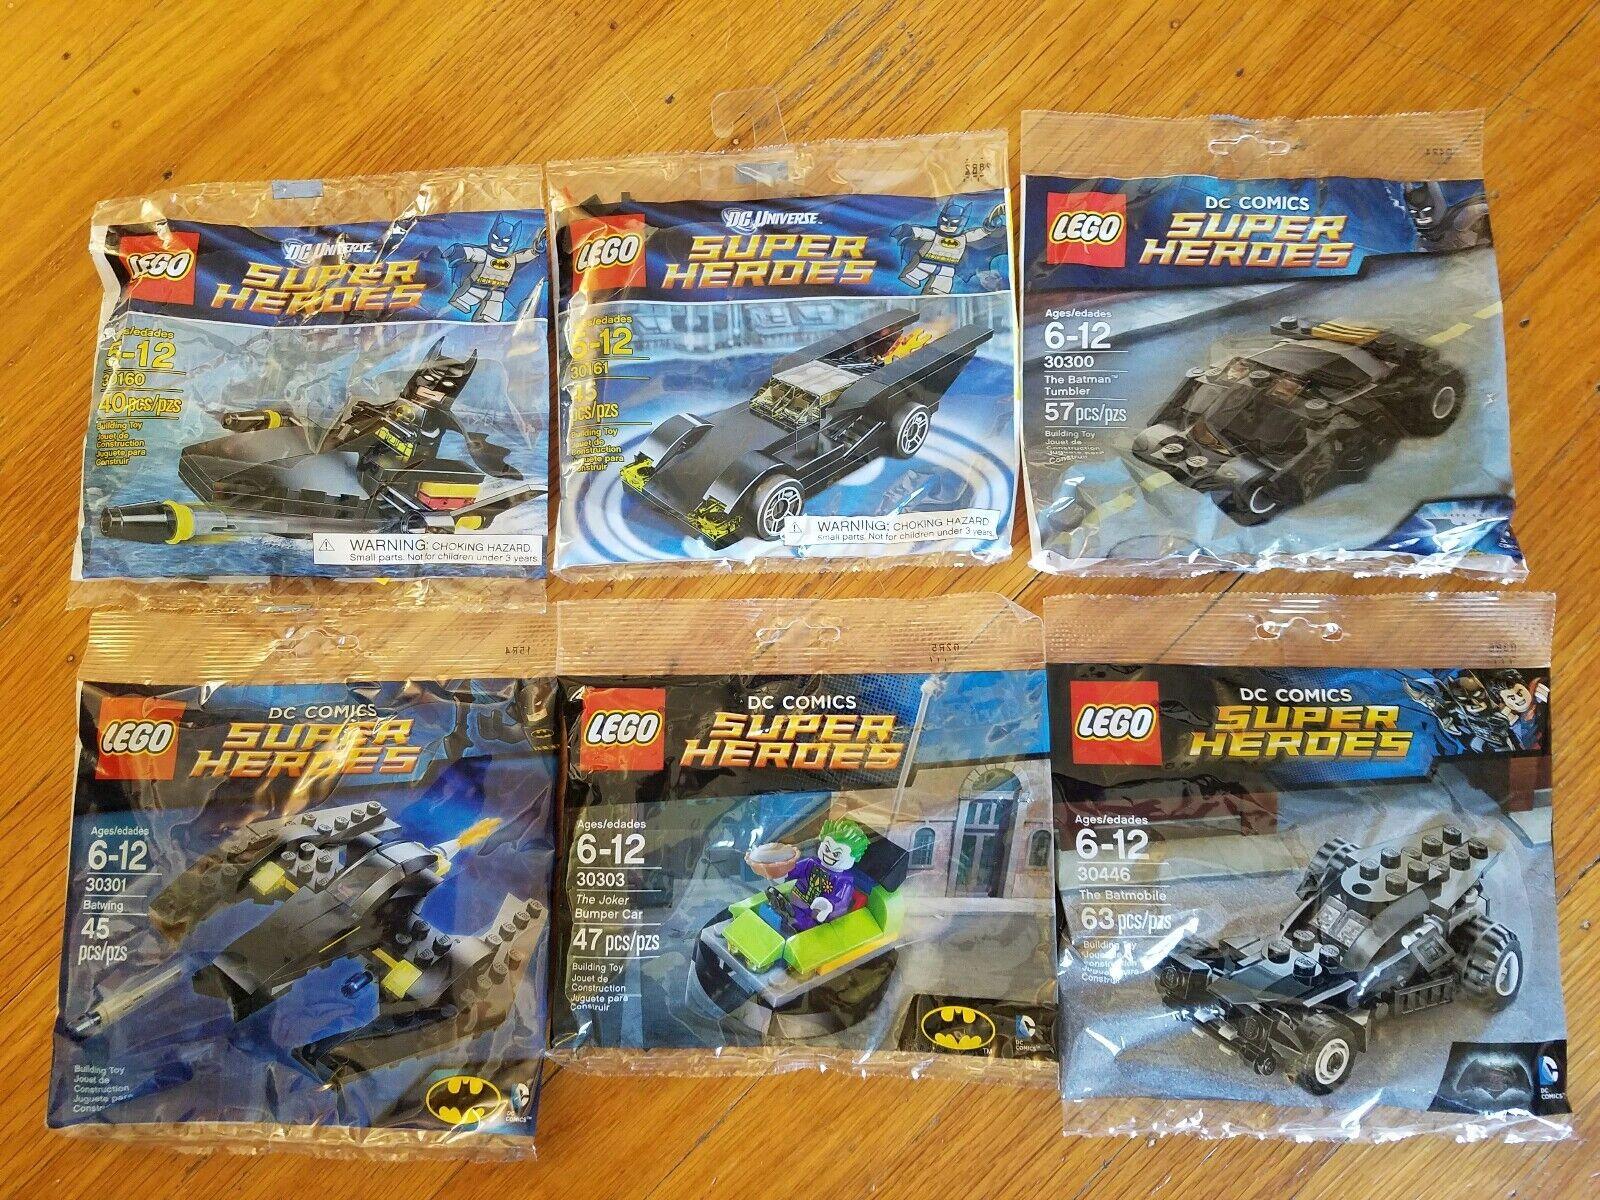 Lego Super Heroes Batman Polybag Lot (30160,30161,30300,30301,30303,30446) - NEW